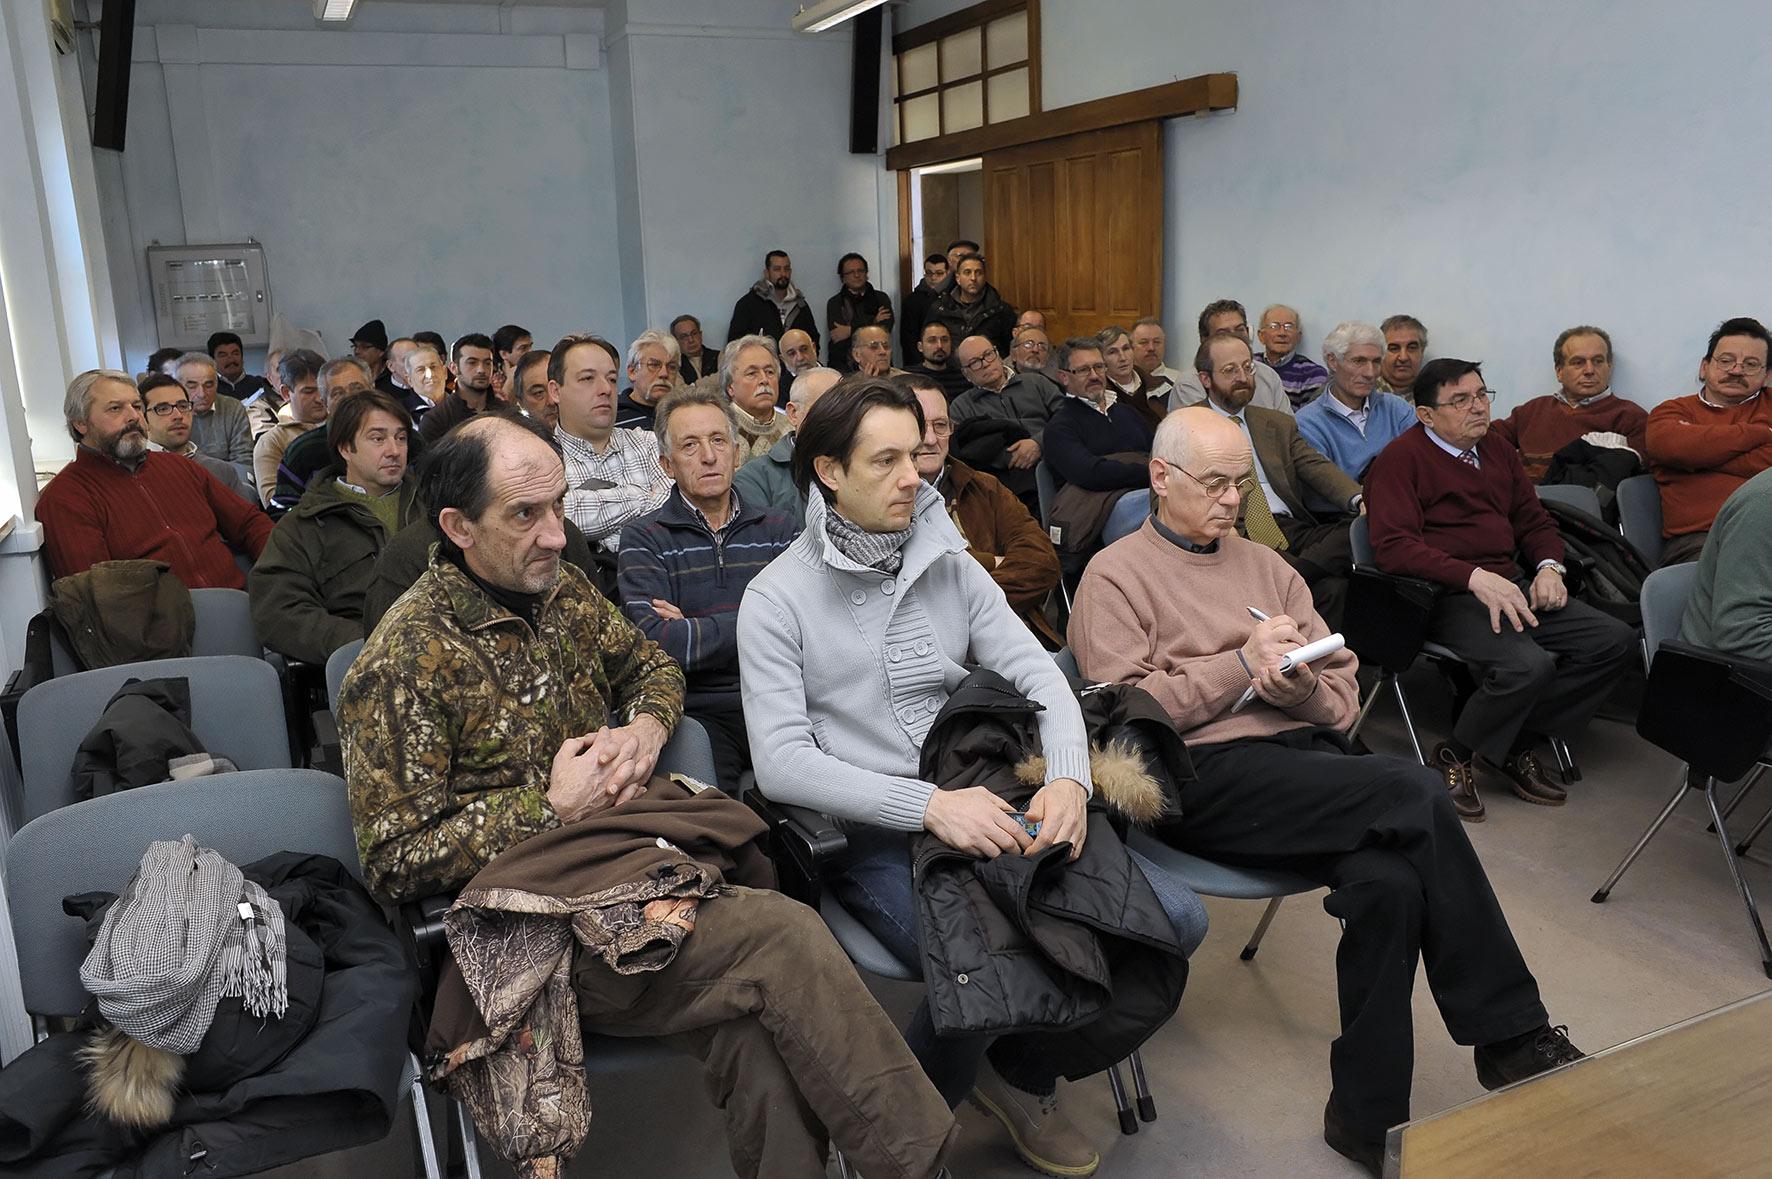 Le foto dall assemblea annuale dell associazione trifulau for La piattaforma del secondo piano progetta le immagini